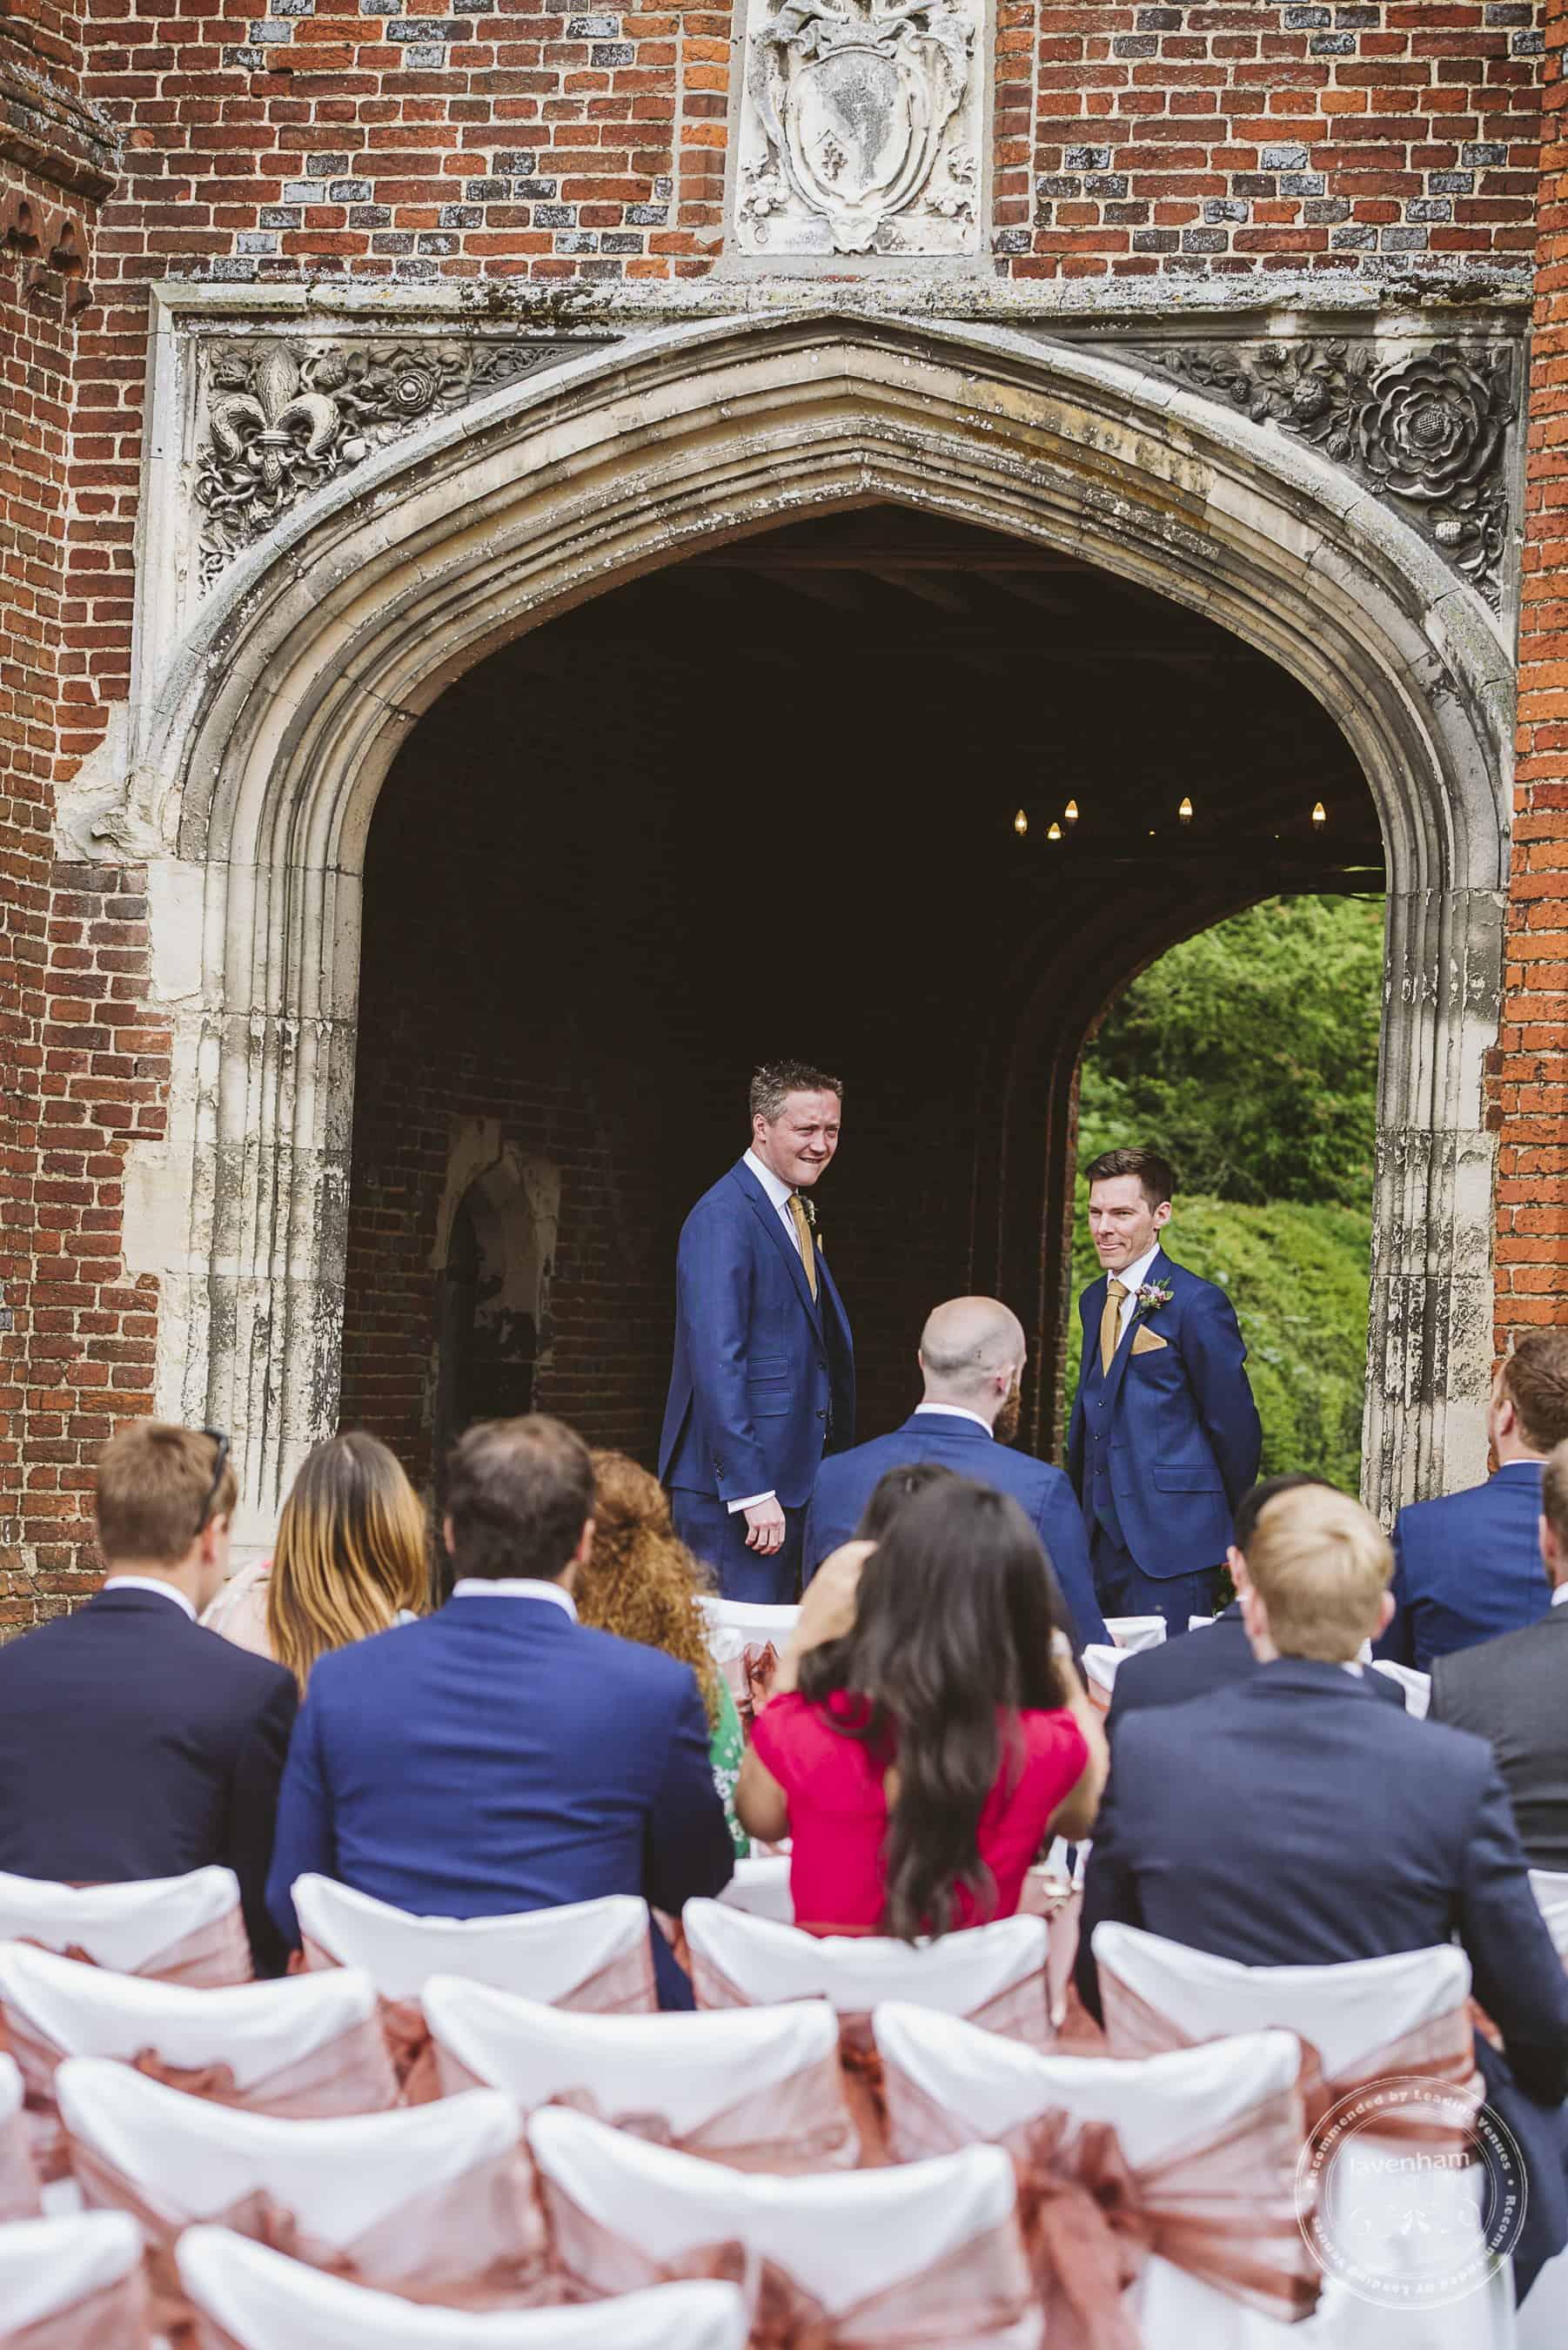 020618 Leez Priory Wedding Photography Lavenham Photographic 038